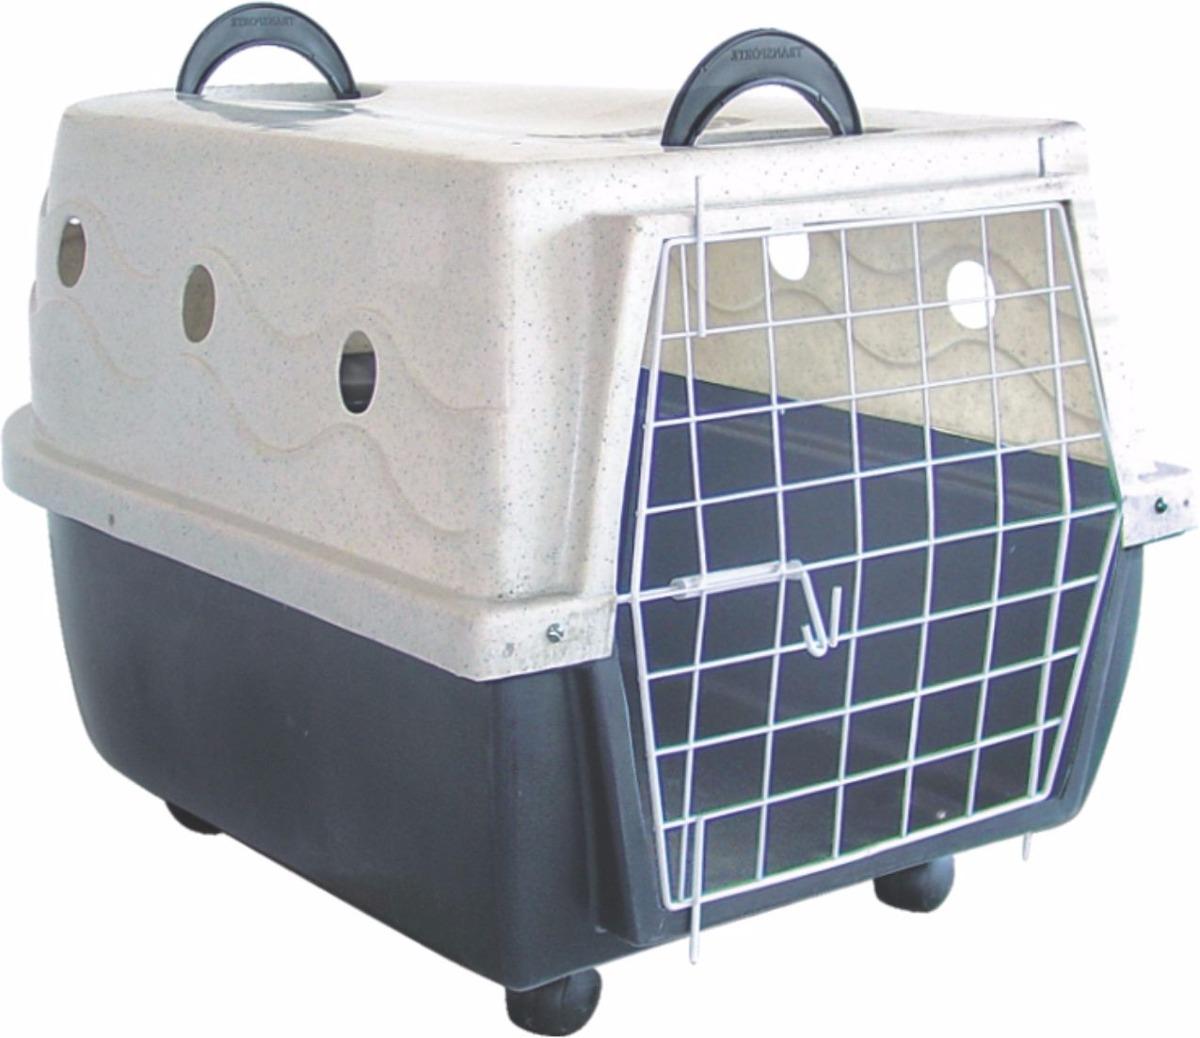 Bolsa Para Transporte De Cachorro Em Avião : Caixa de transporte para cachorro gato c?es animais avi?o